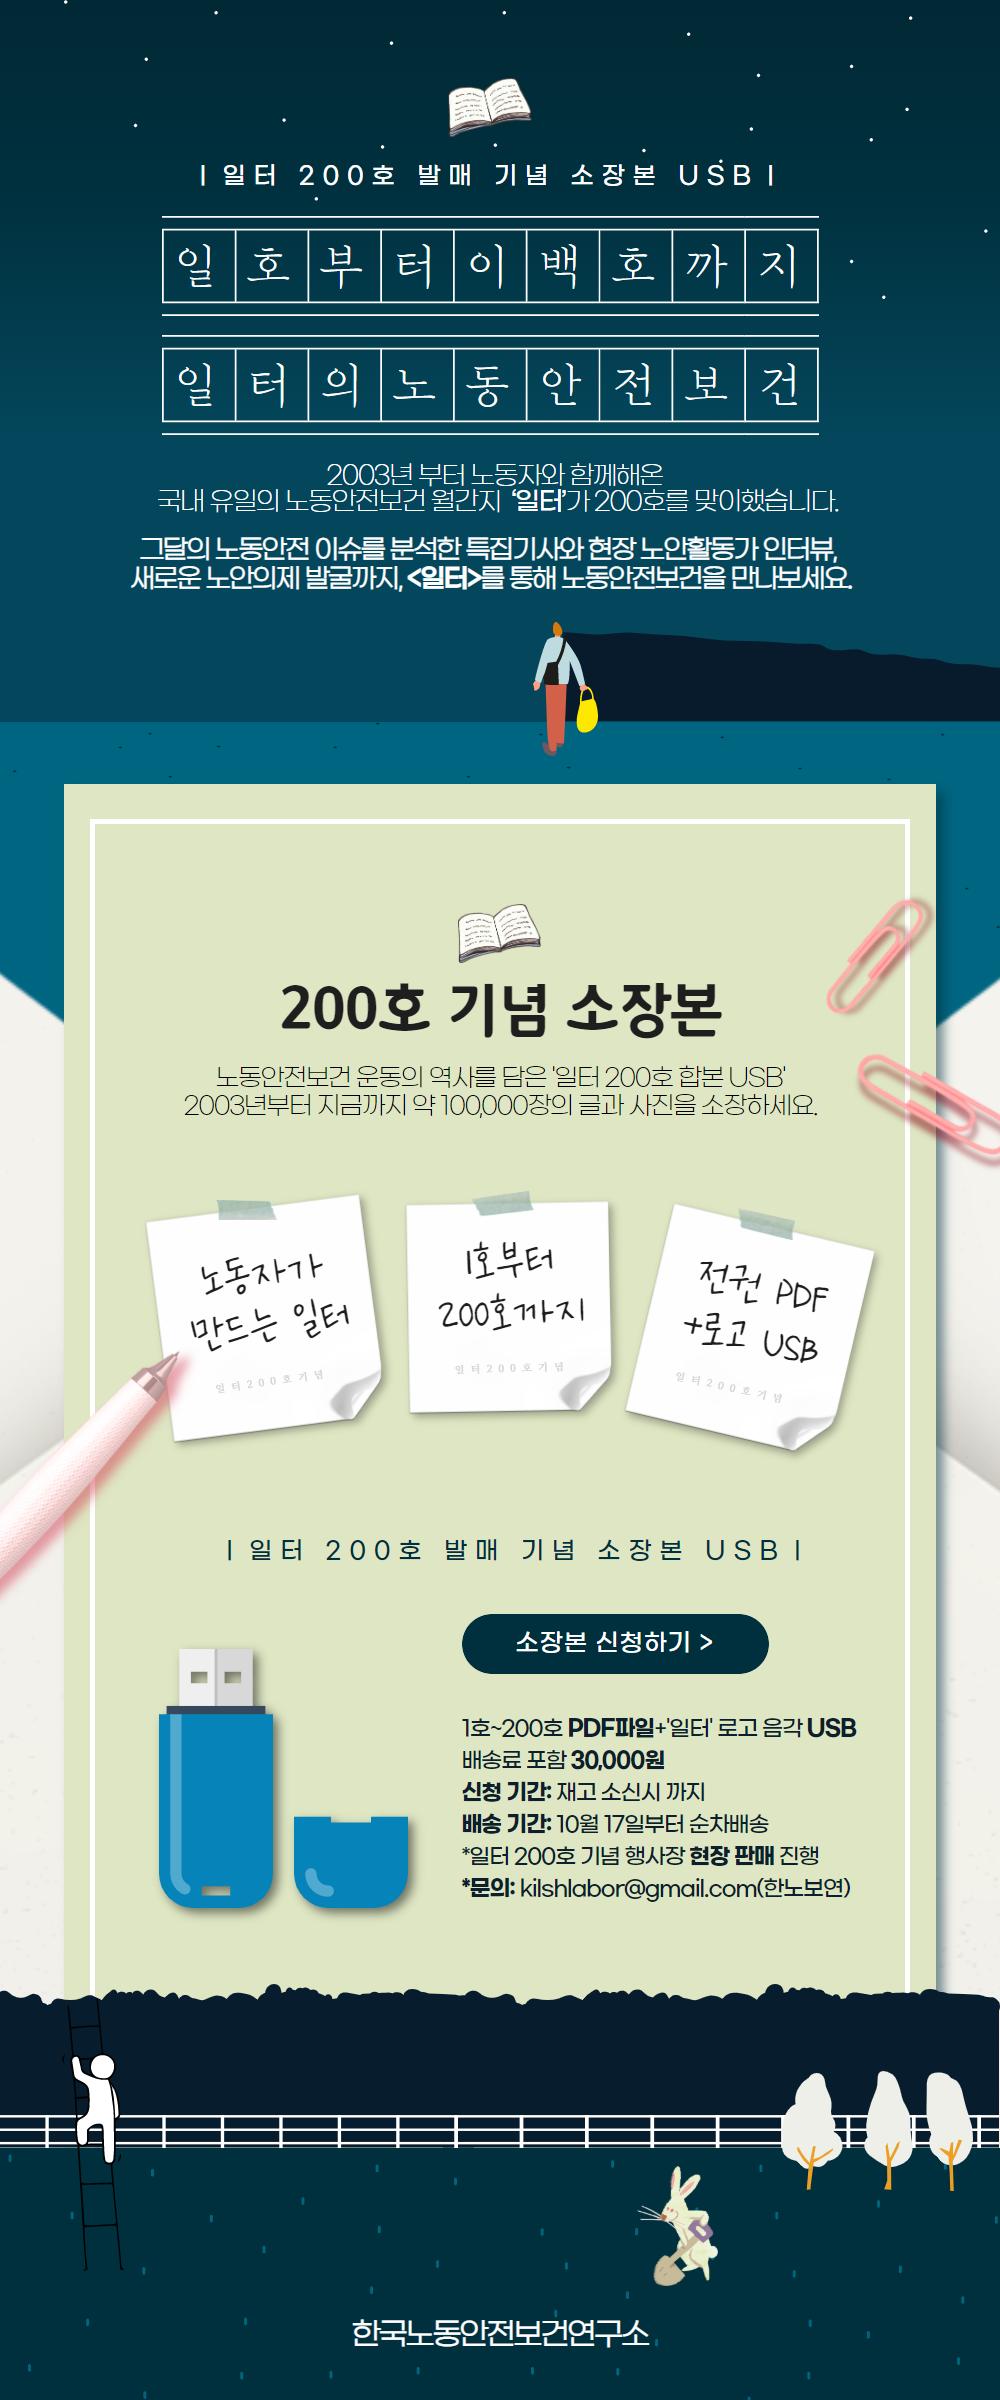 굿즈_최종.png